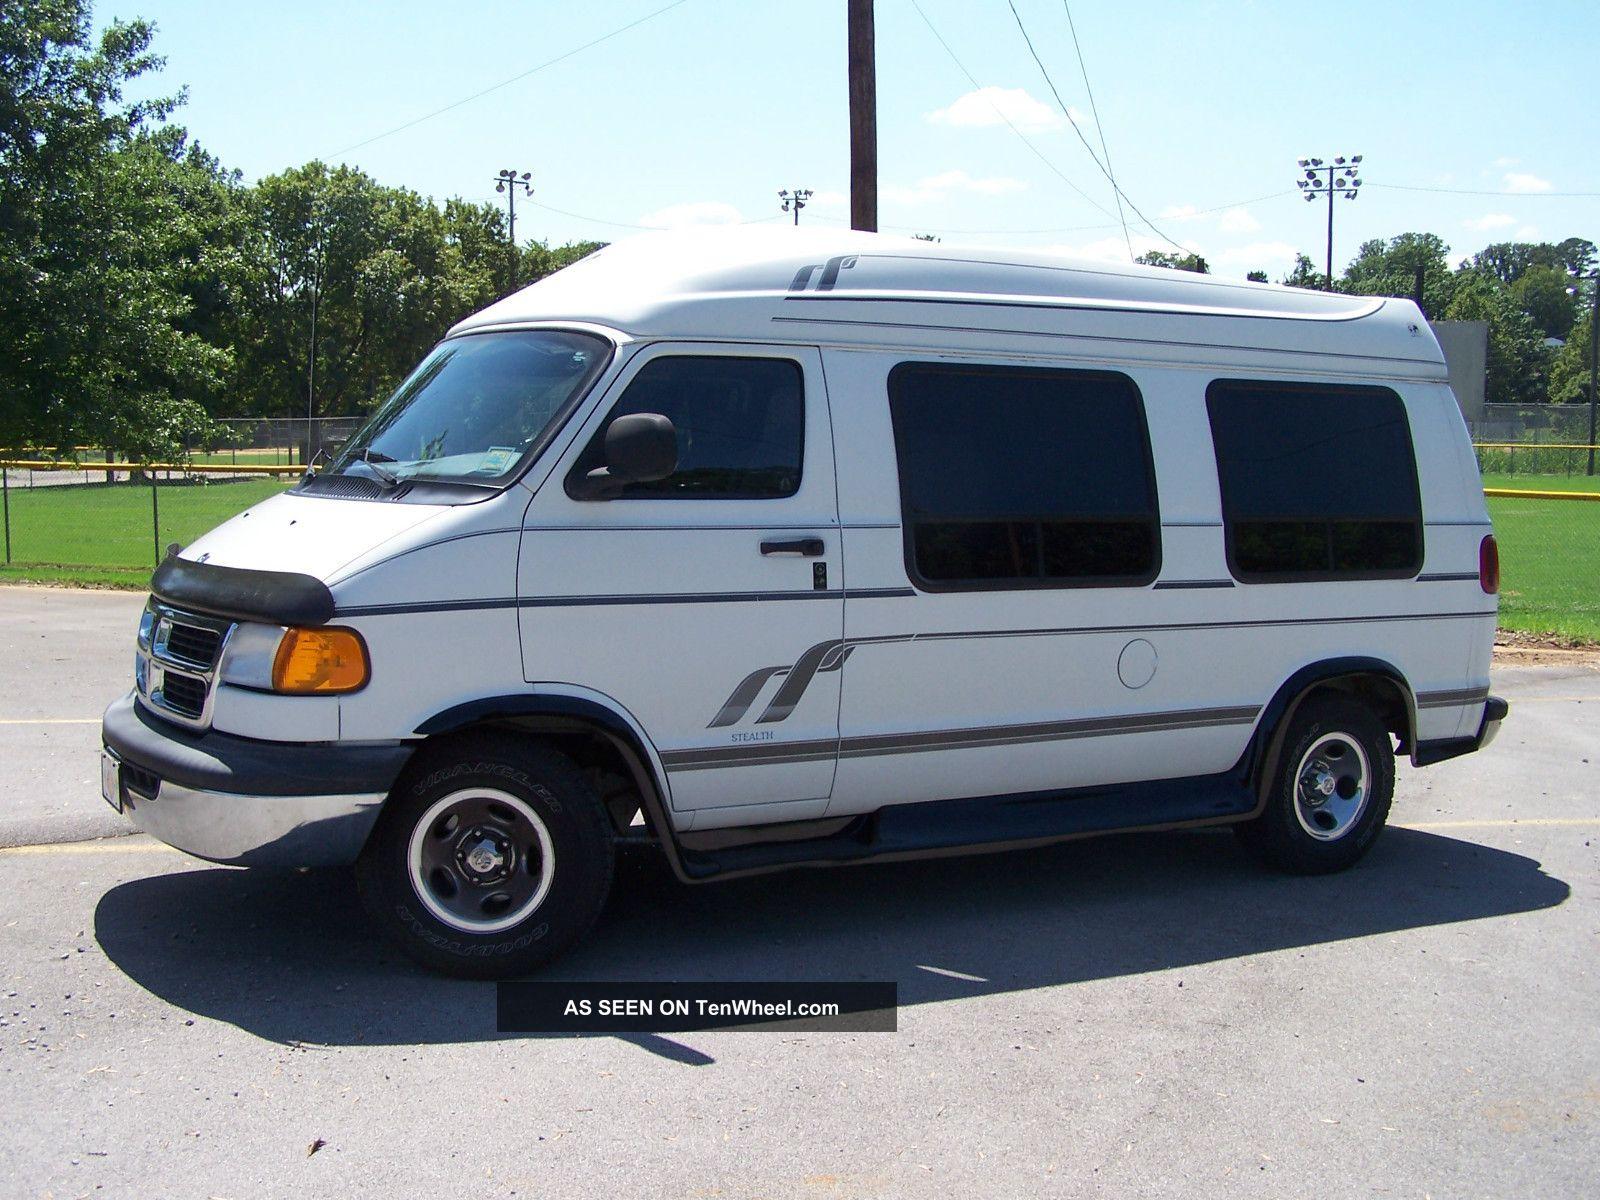 2000 Dodge Ram 1500 Conversion Van